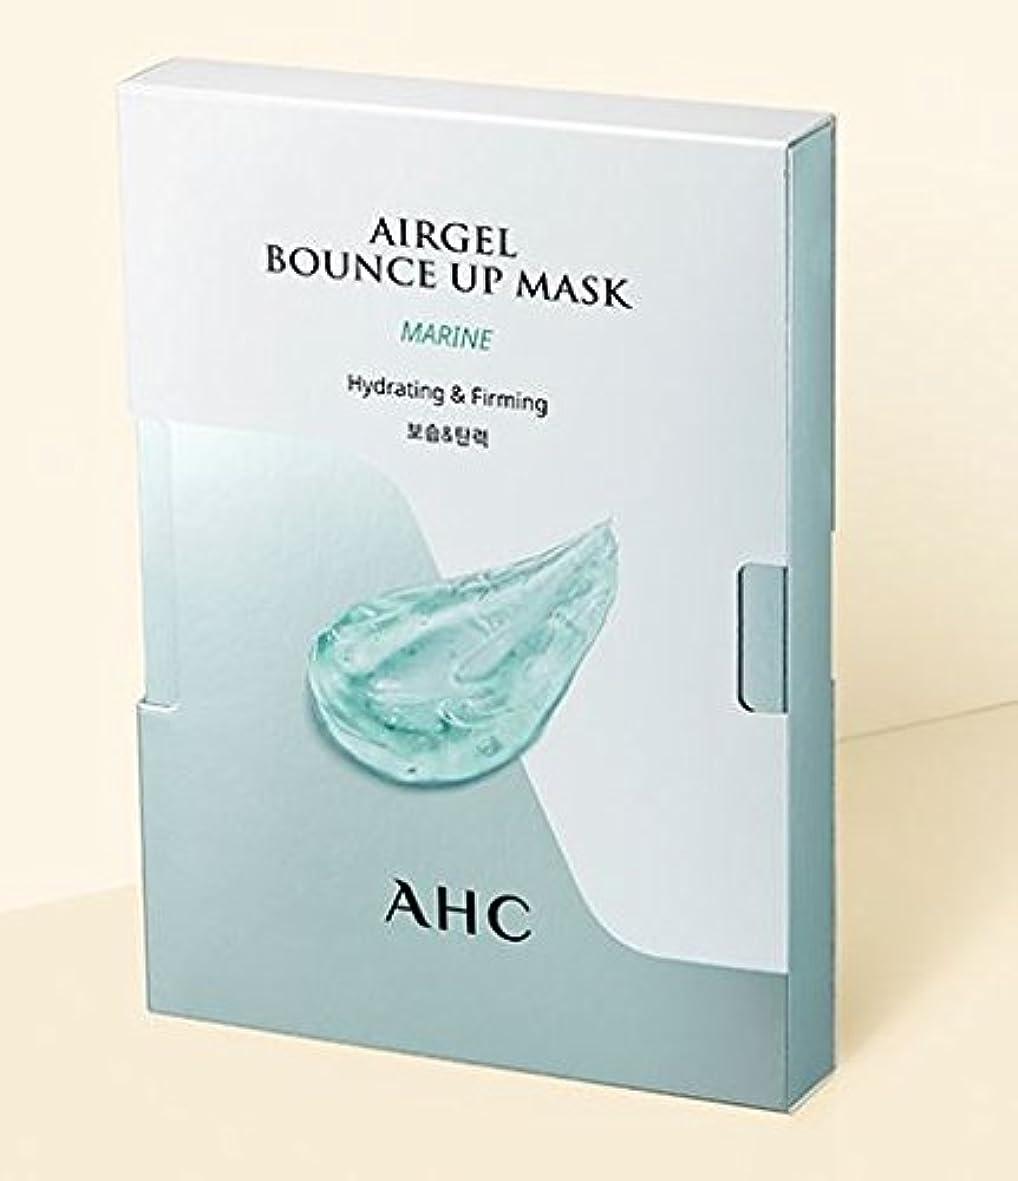 迫害する埋める間隔[A.H.C] Airgel Bounce Up Mask MARINE (Hydrating&Firming)30g*5sheet/マリンエアゲルマスク30g*5枚 [並行輸入品]